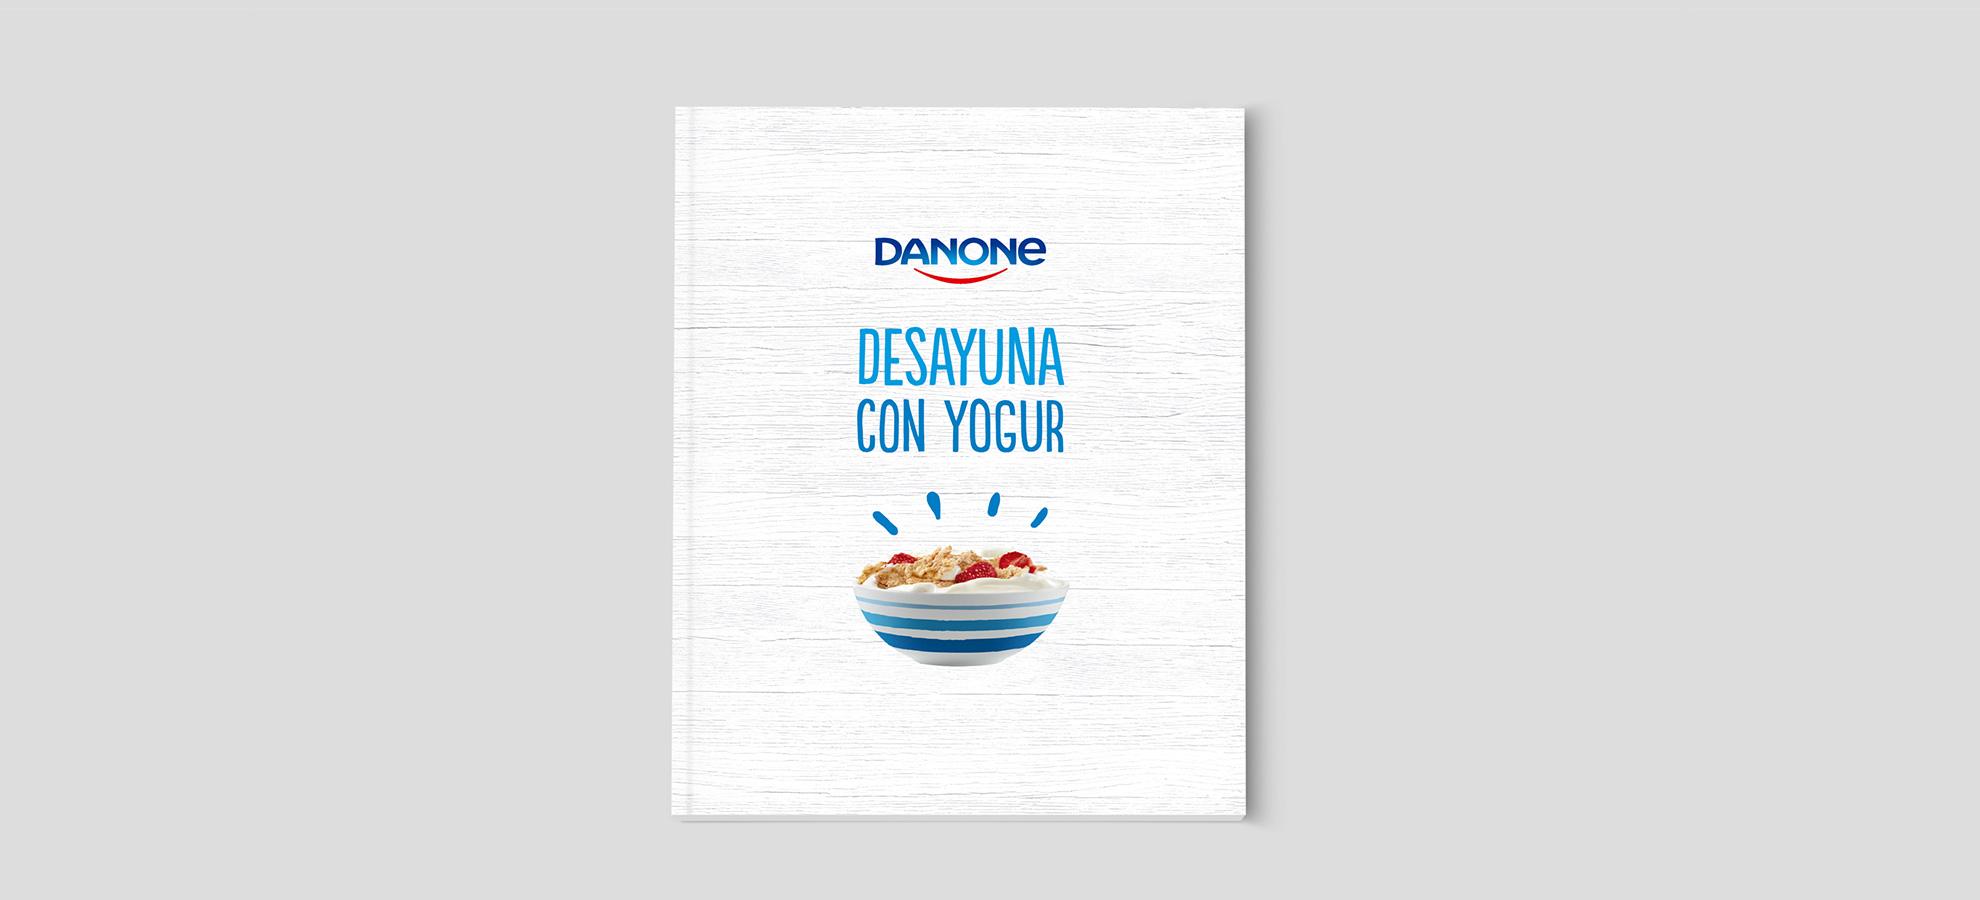 Danone-caso-de-estudio_04